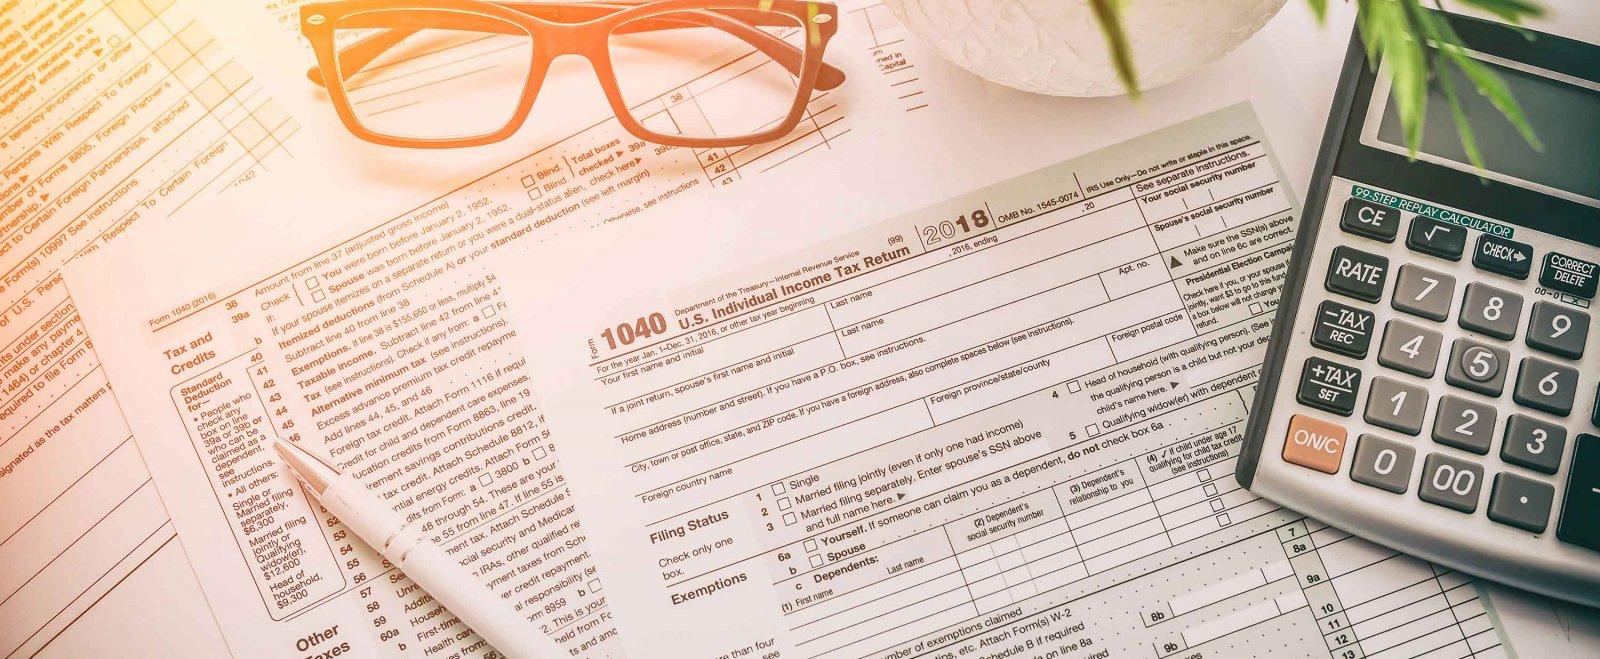 Steuernummern